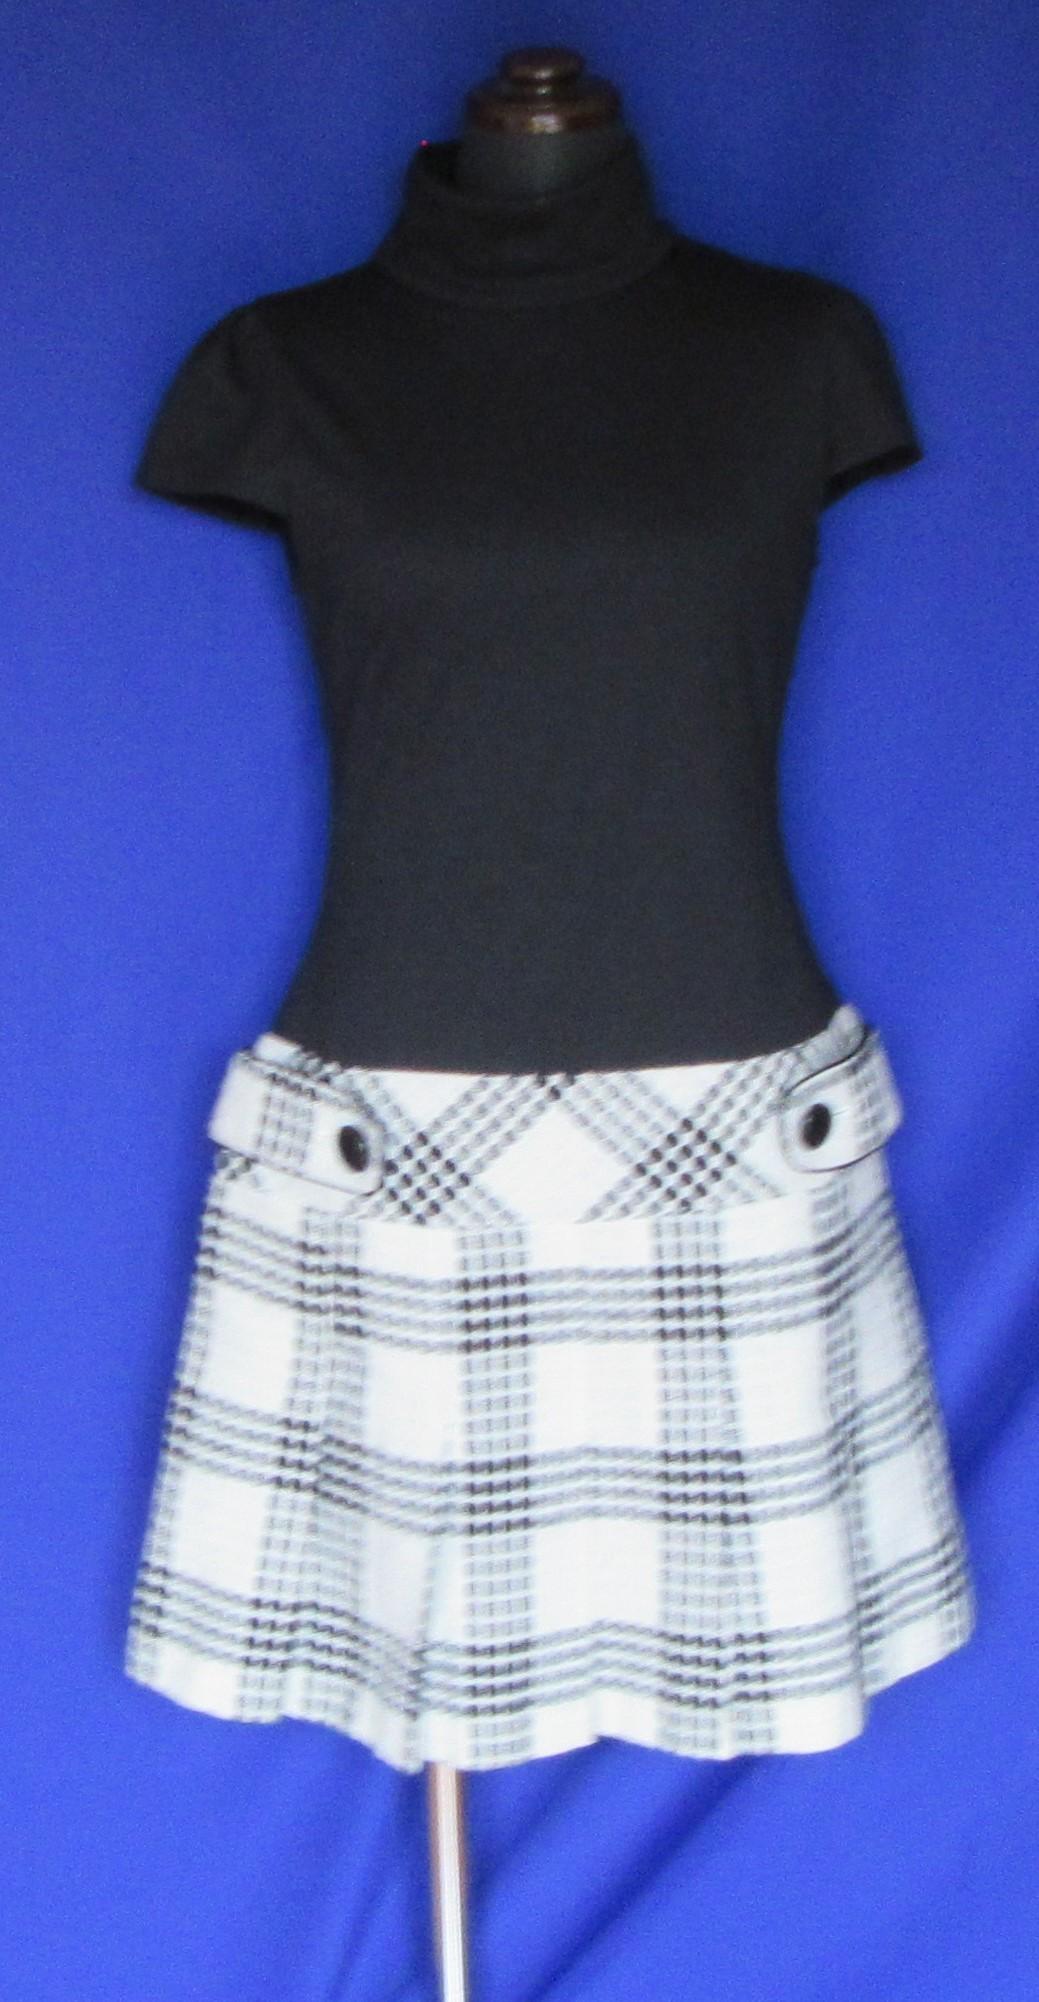 切り替えワンピース 9AR チューリップ袖 ツイード リセール商品